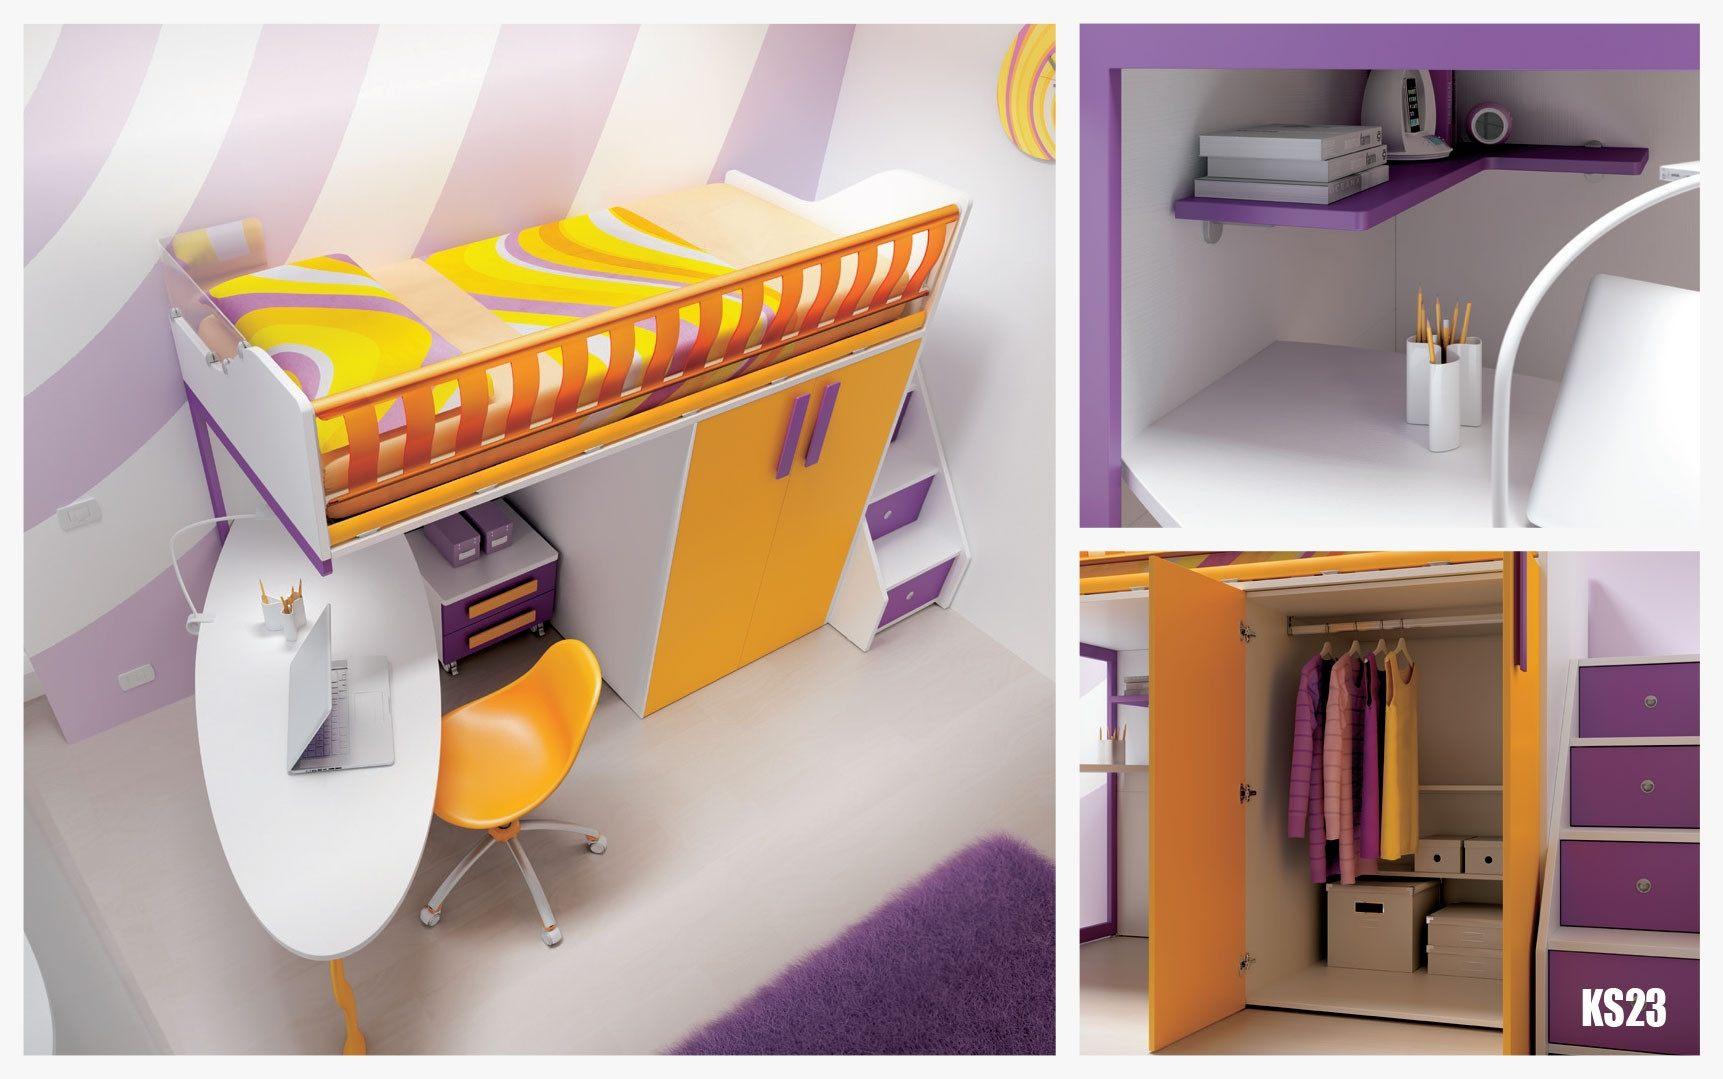 Lit Mezzanine Enfant Avec Bureau Frais Lit Enfant Mezzanine Avec Bureau Lit Mezzanine Bureau Fille Le Lit